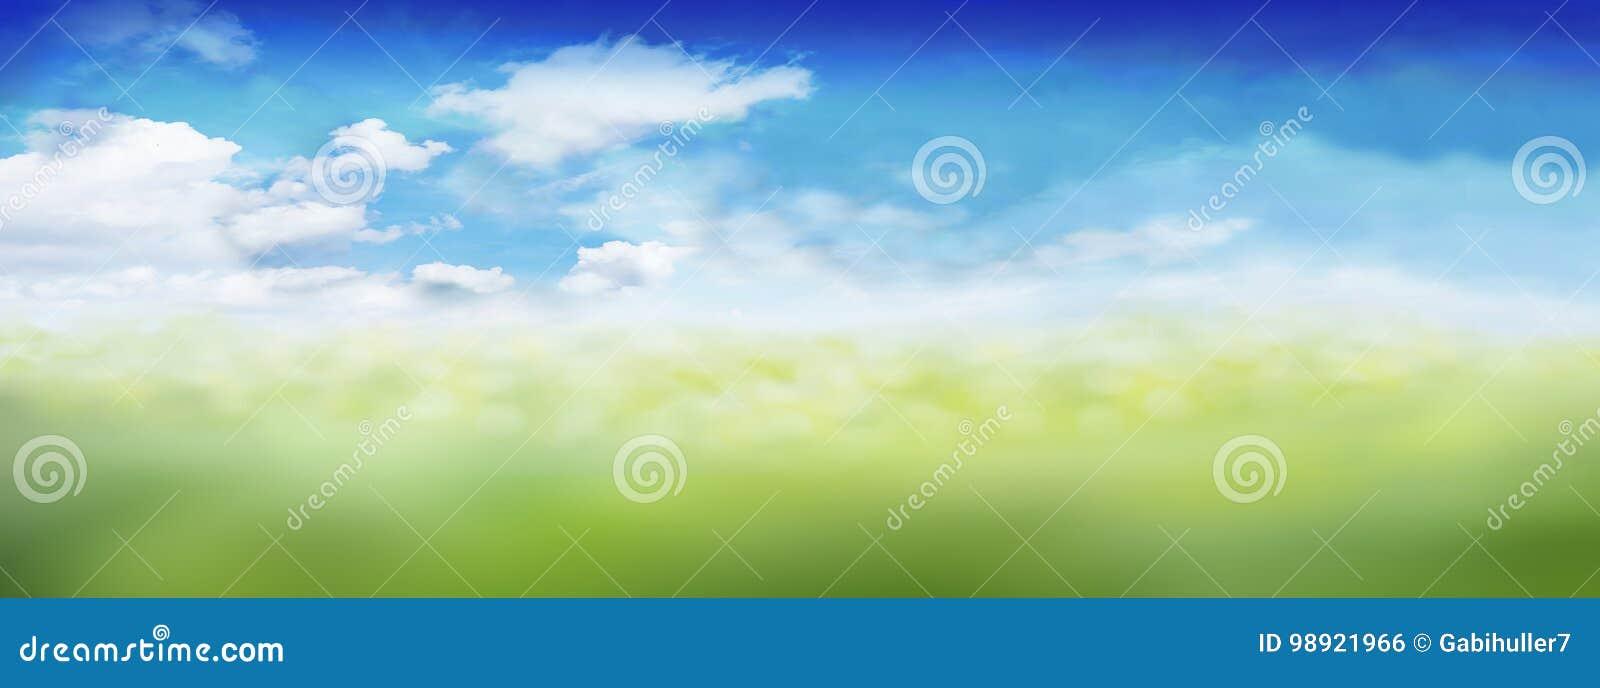 De landschapshemel betrekt gras/weide - spring de Zomer Pasen - Bokeh-effect op, vaag - Panorama achtergrondbanner - kopieer ruim